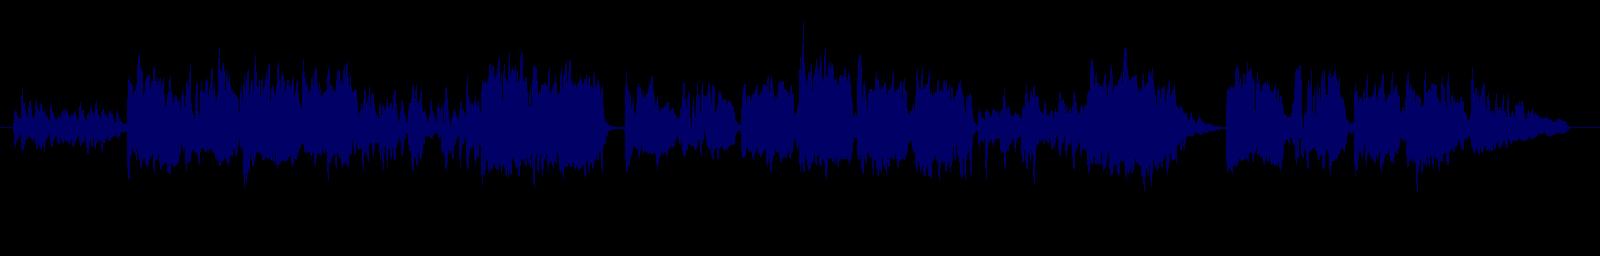 waveform of track #129974